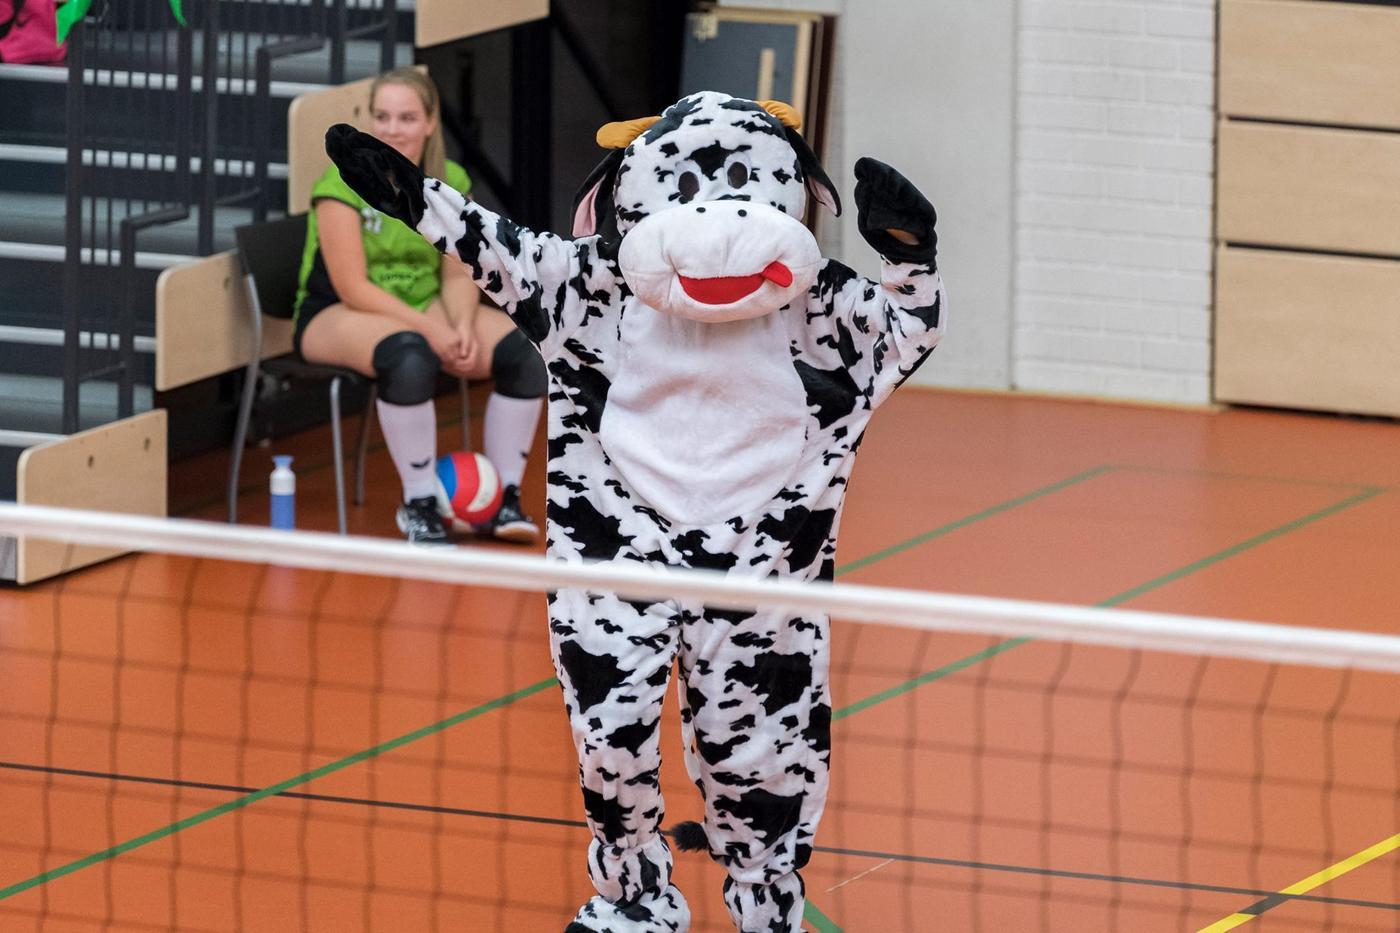 Vera de koe